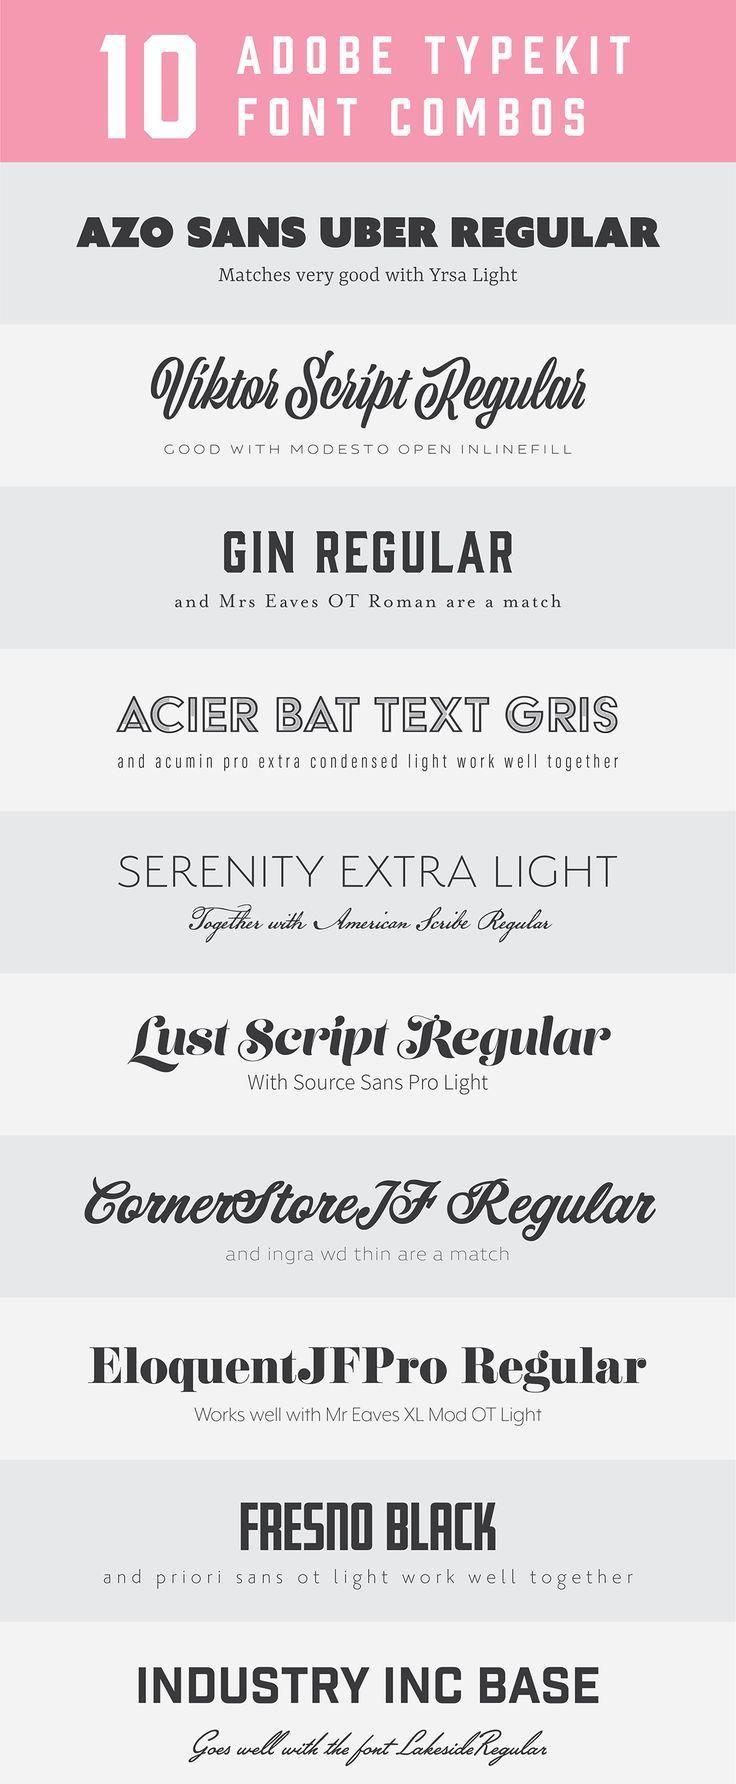 10 Adobe typekit font combos